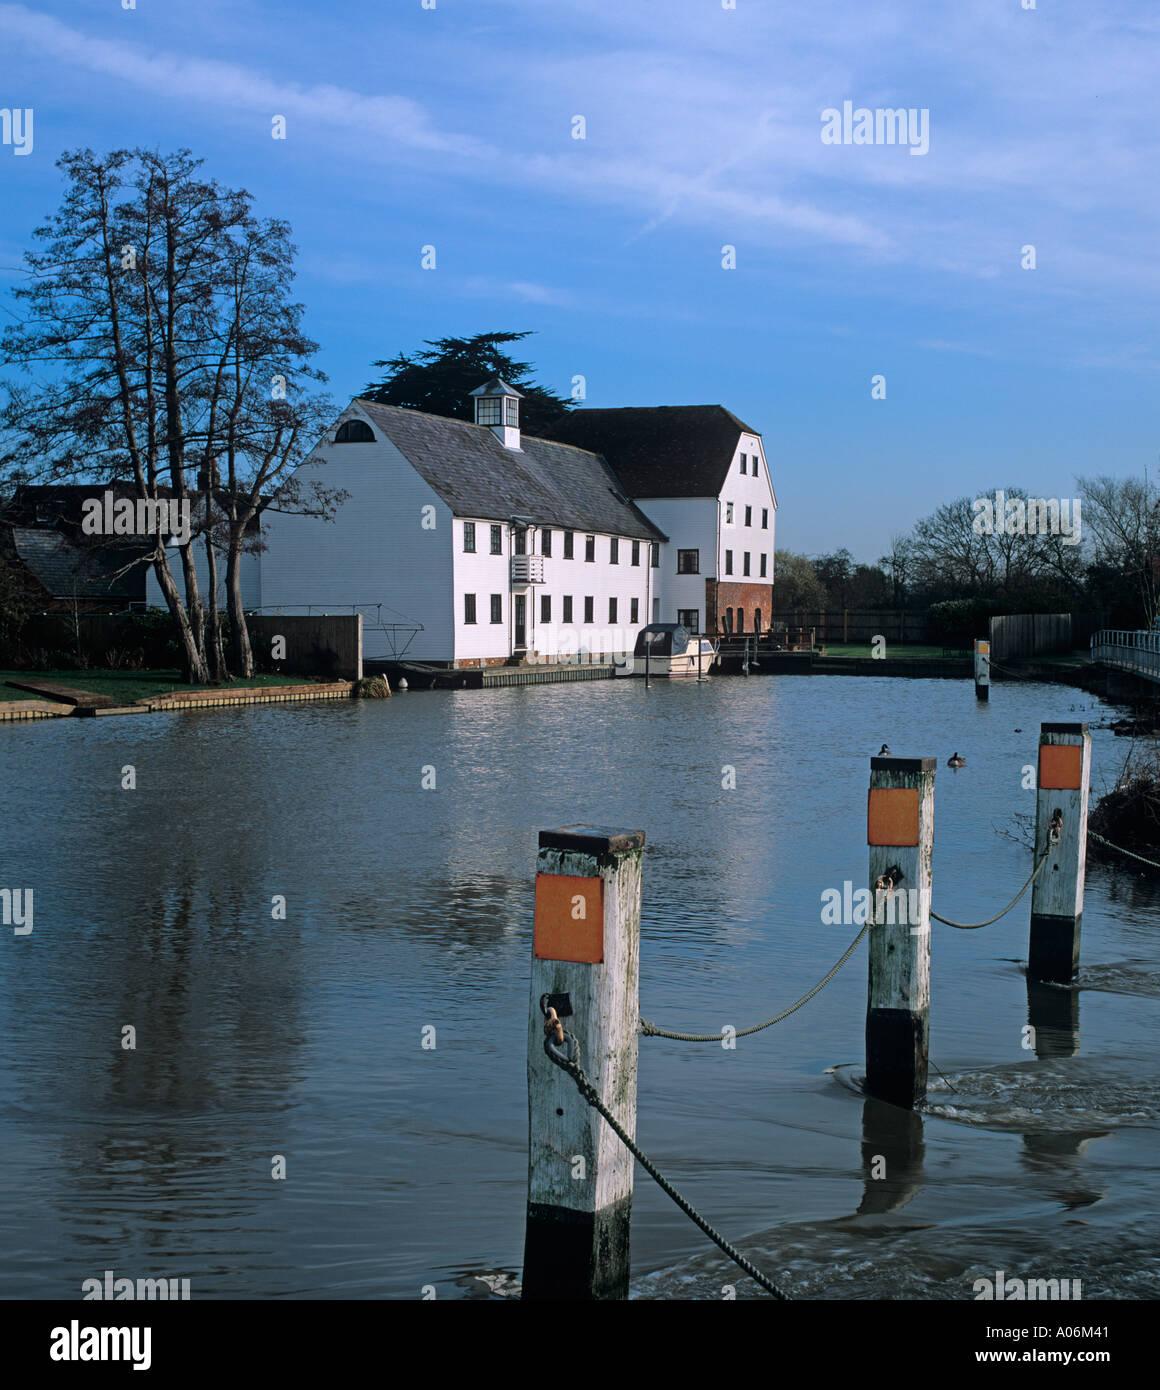 Hambleden Mill River Thames Bucks UK Winter - Stock Image